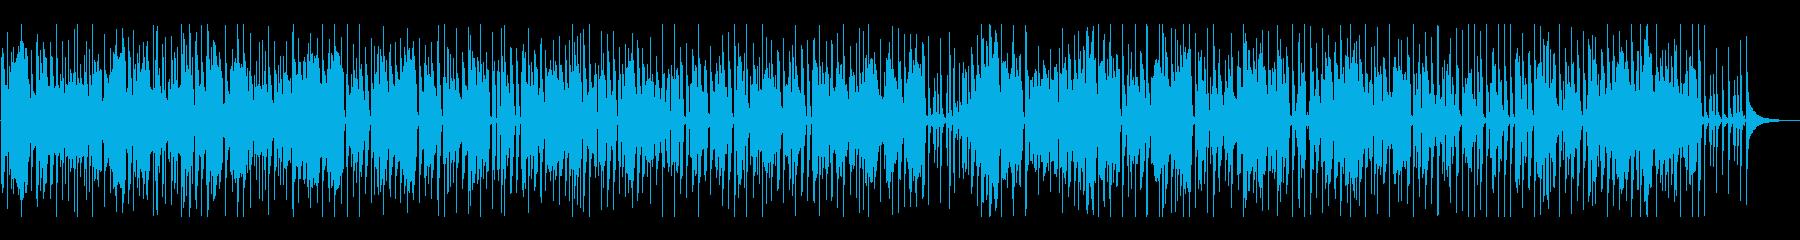 エレピがお洒落なスムースジャズバラードの再生済みの波形